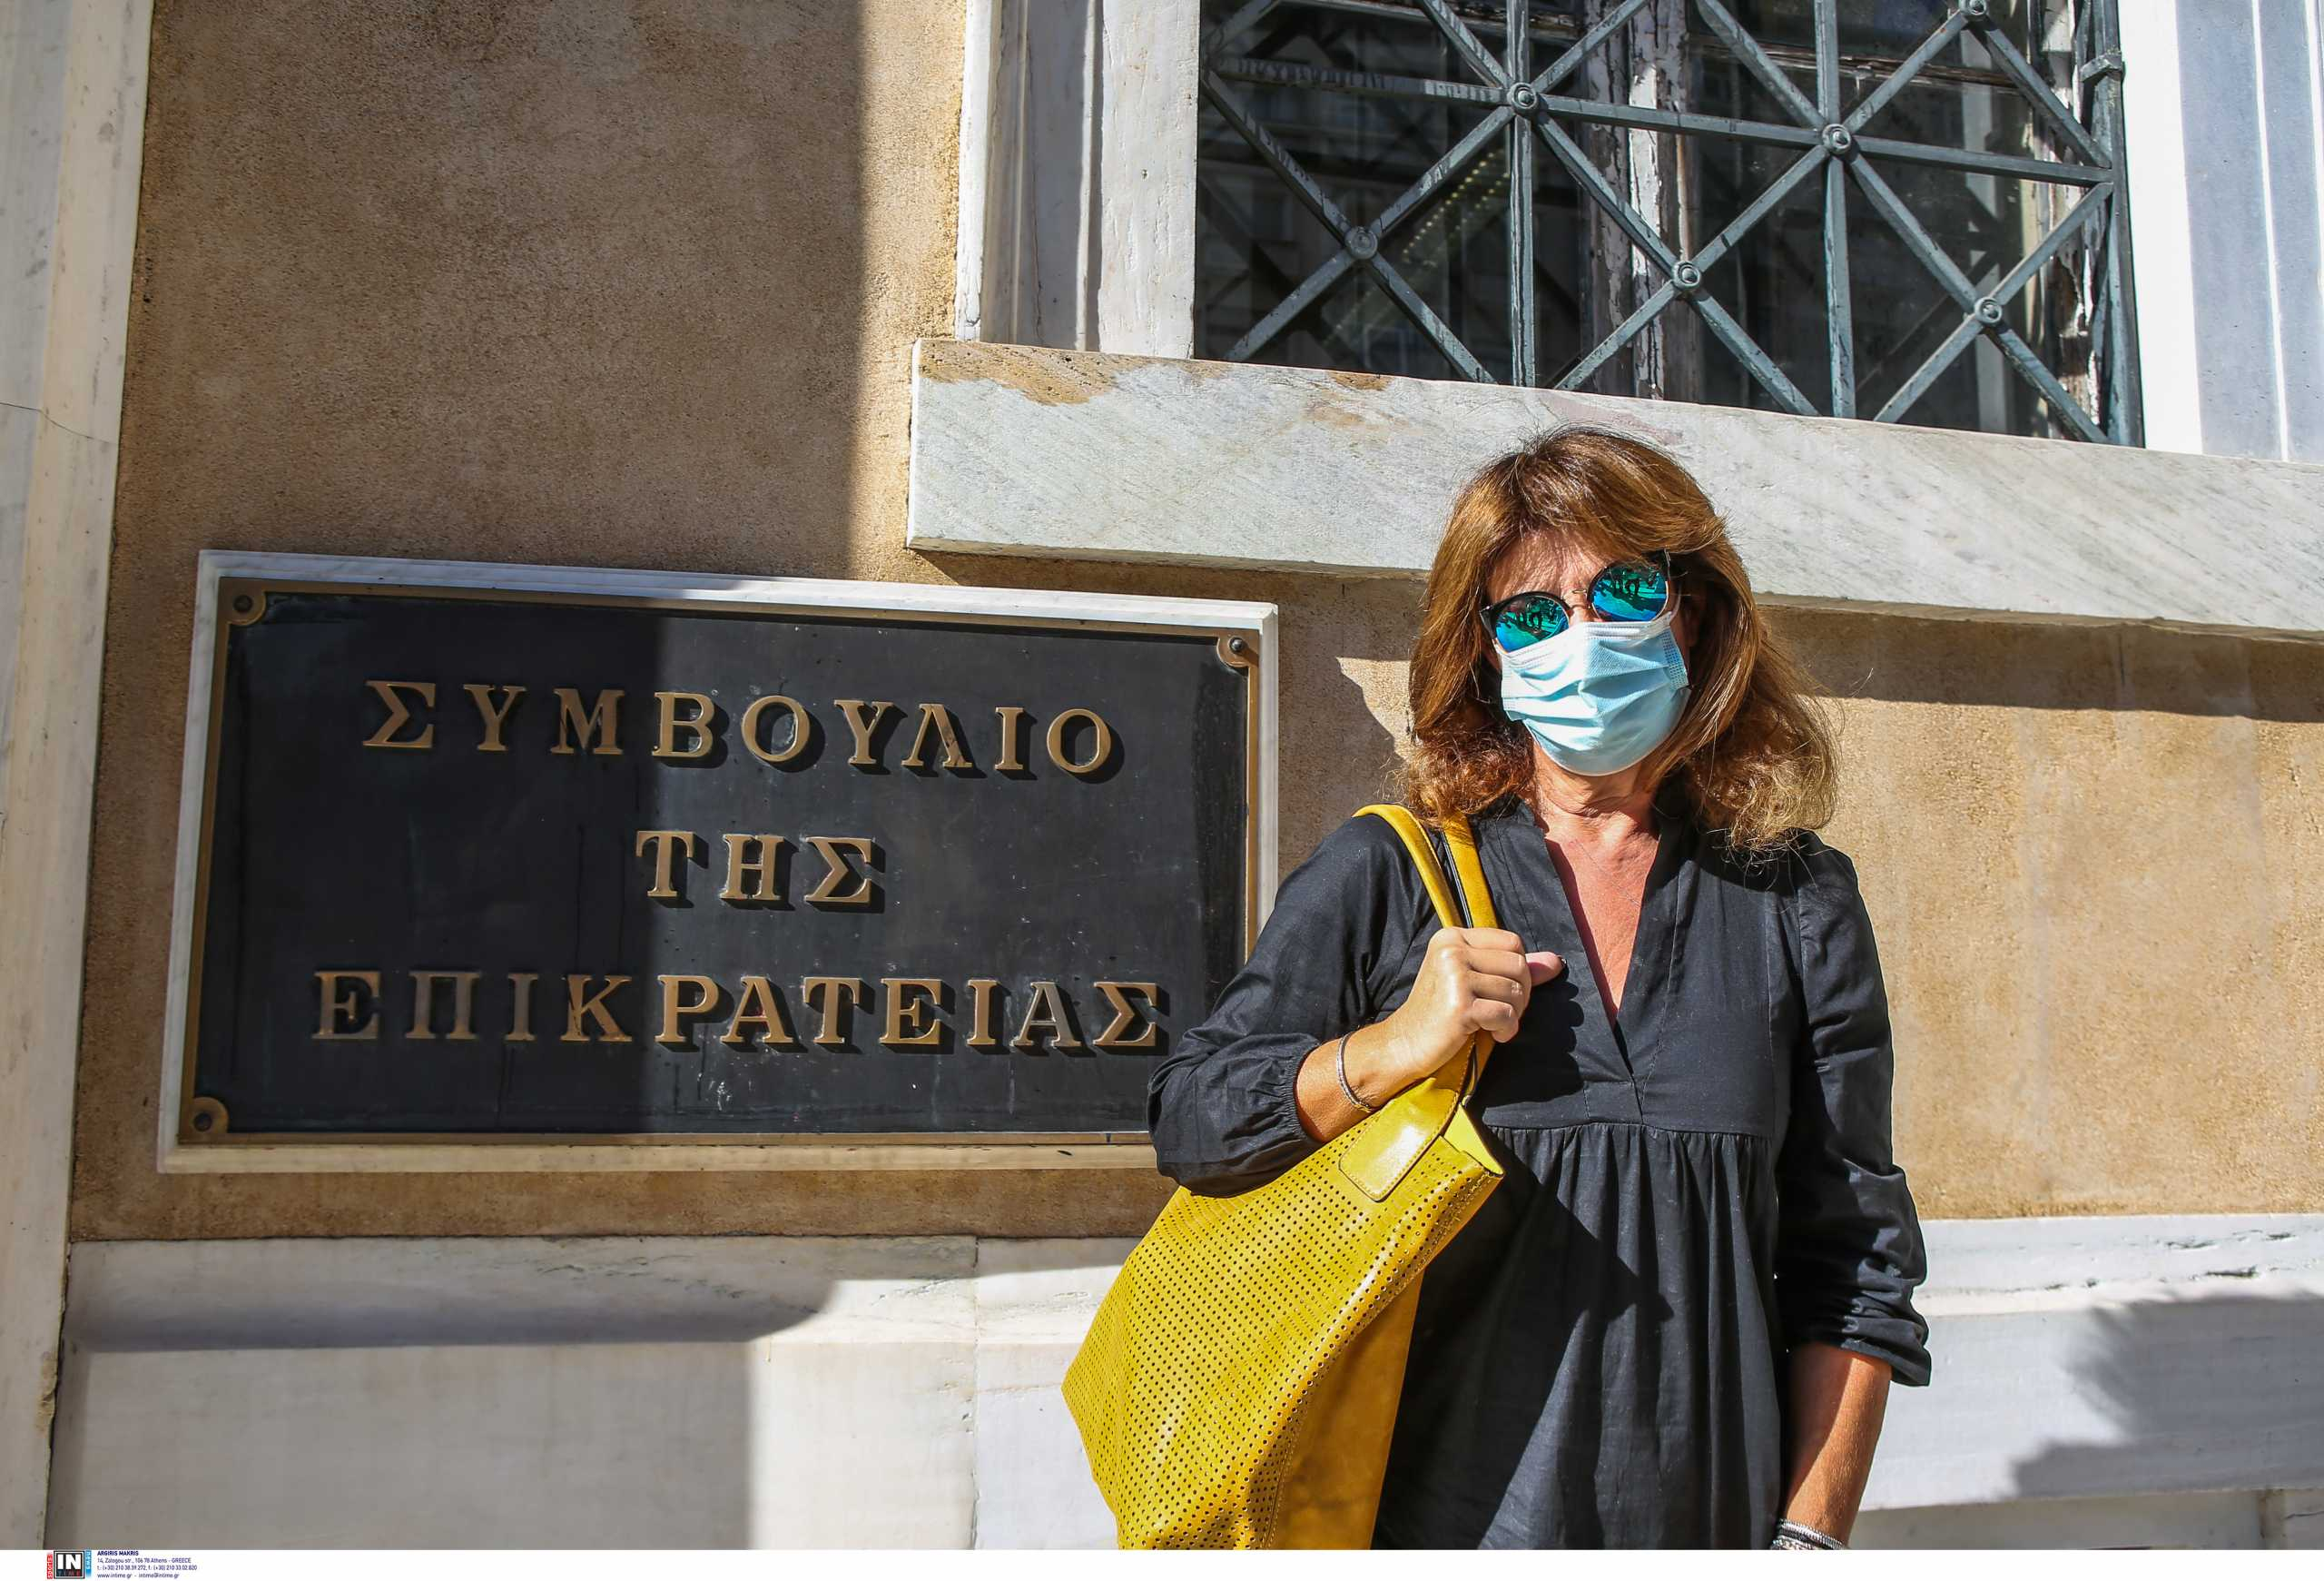 Μυρτώ της Πάρου: Η μάχη της μητέρας της στο Συμβούλιο της Επικρατείας